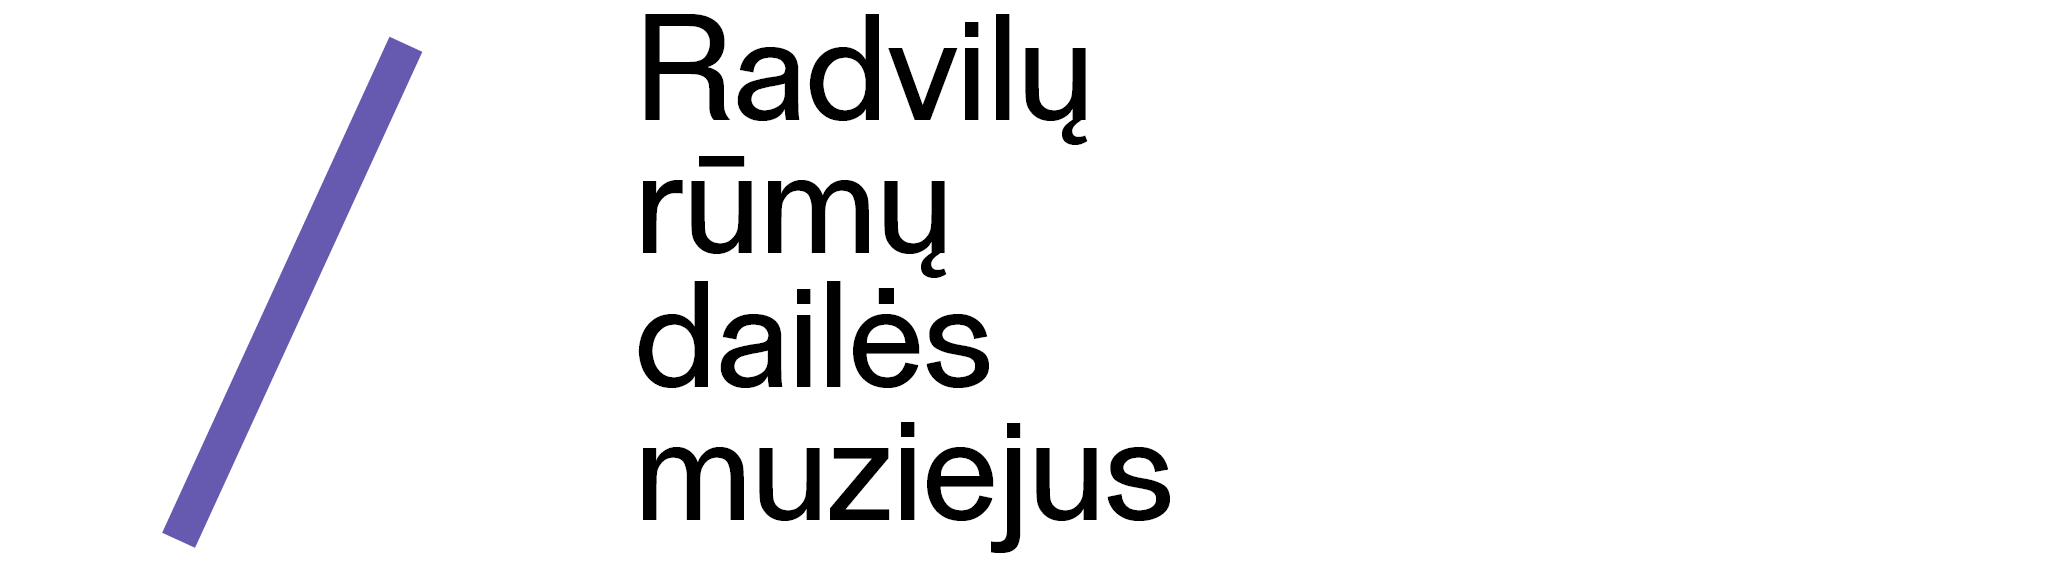 Radvilų rūmų dailės muziejus